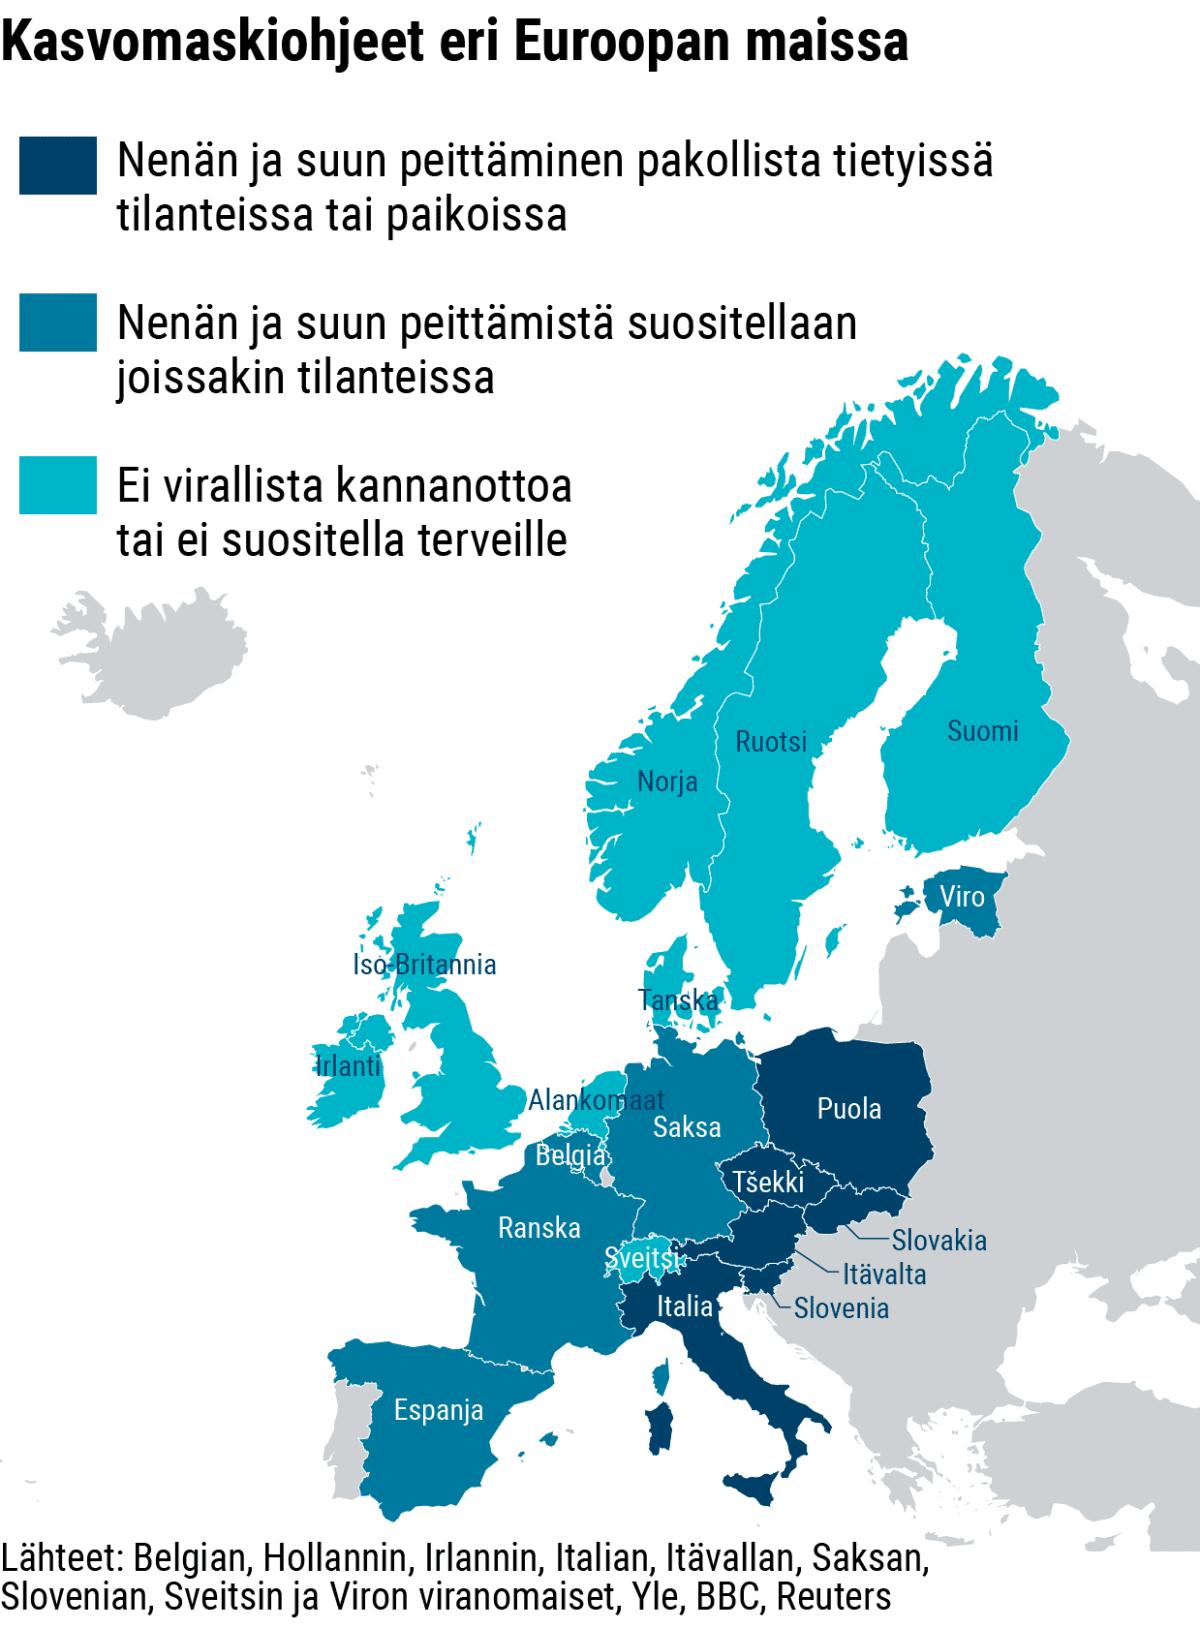 Infokartta ohjeista kasvomaskien käyttöön eri Euroopan maissa.